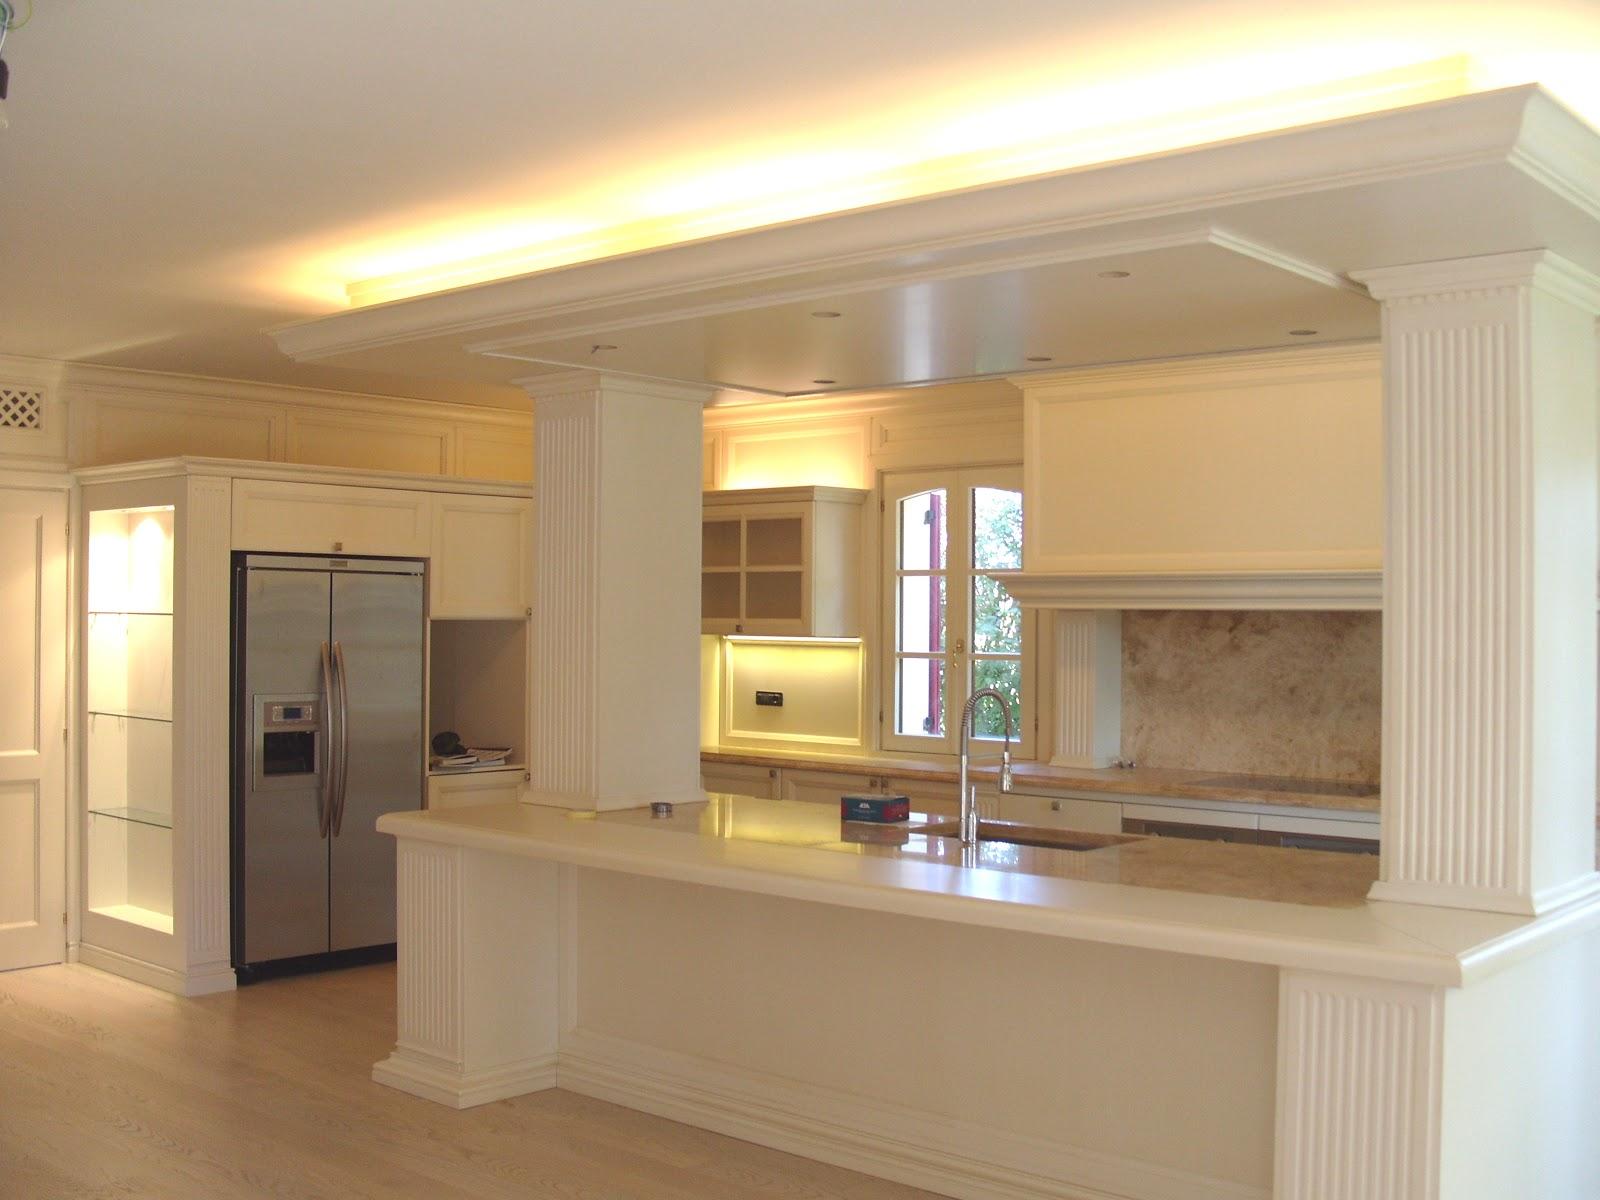 Cucine moderne gialle colori pareti cucina giallo interno - Cucine moderne gialle ...